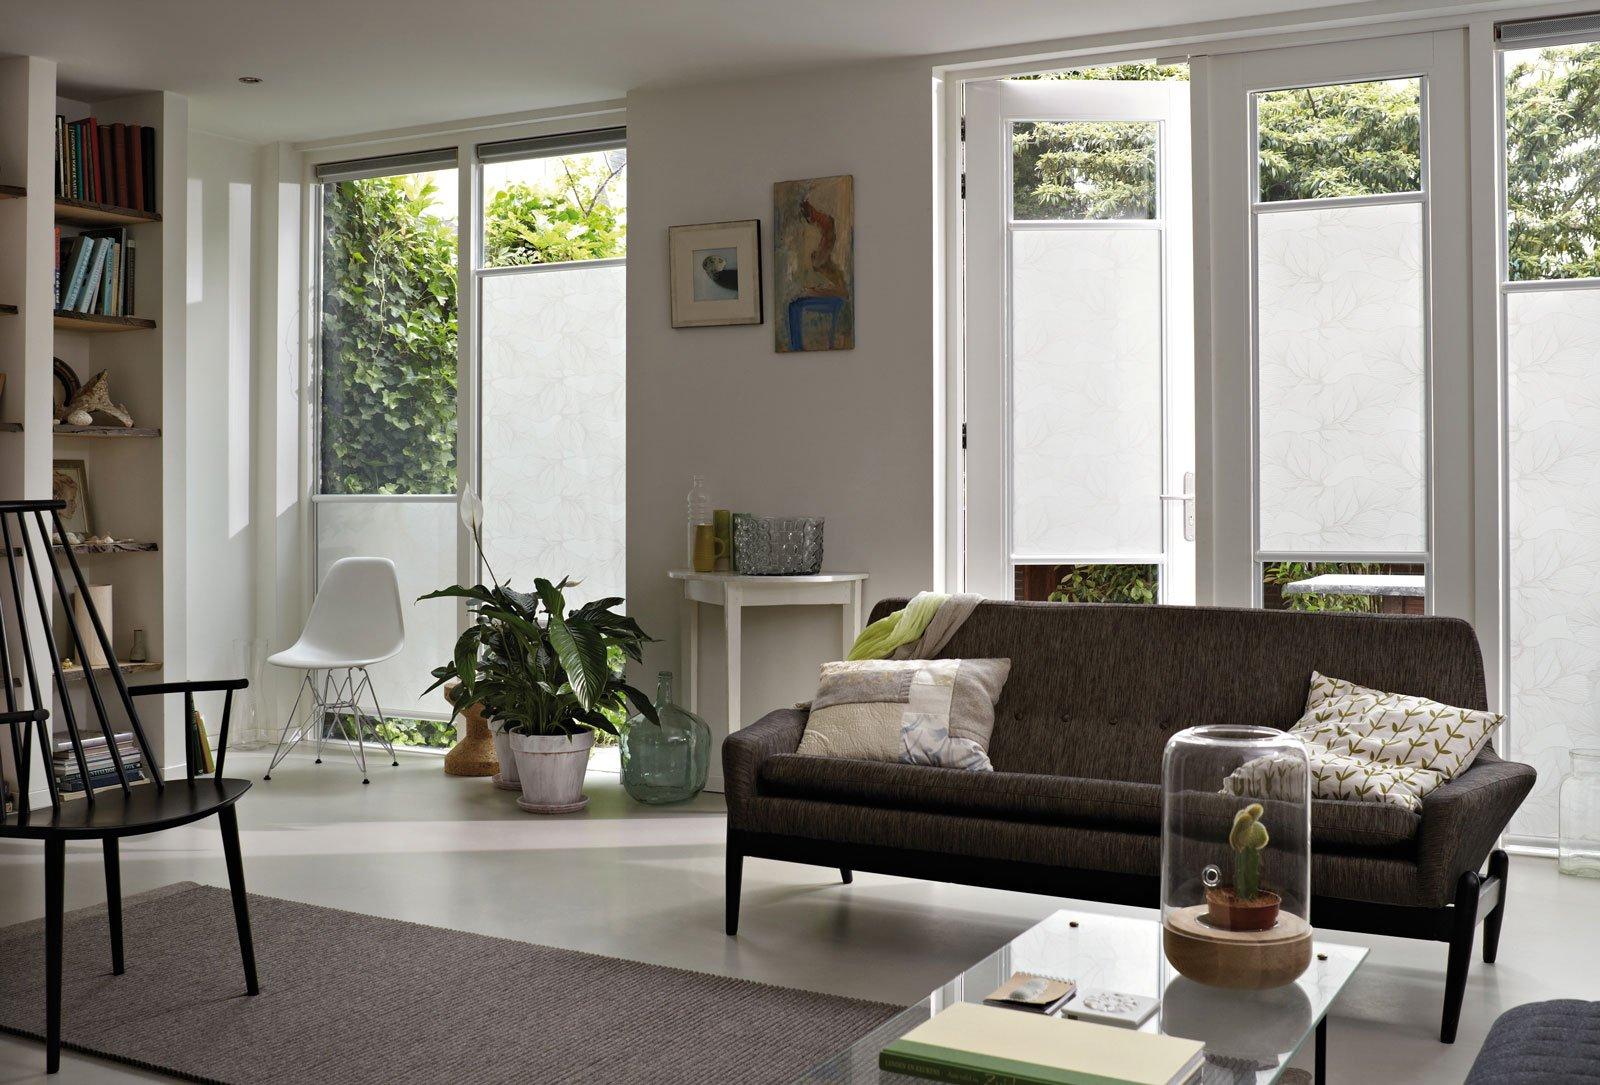 Tende e protezioni per il sole per una stanza in pi all 39 aperto al riparo dal caldo cose di - Tende a vetro per finestre ...